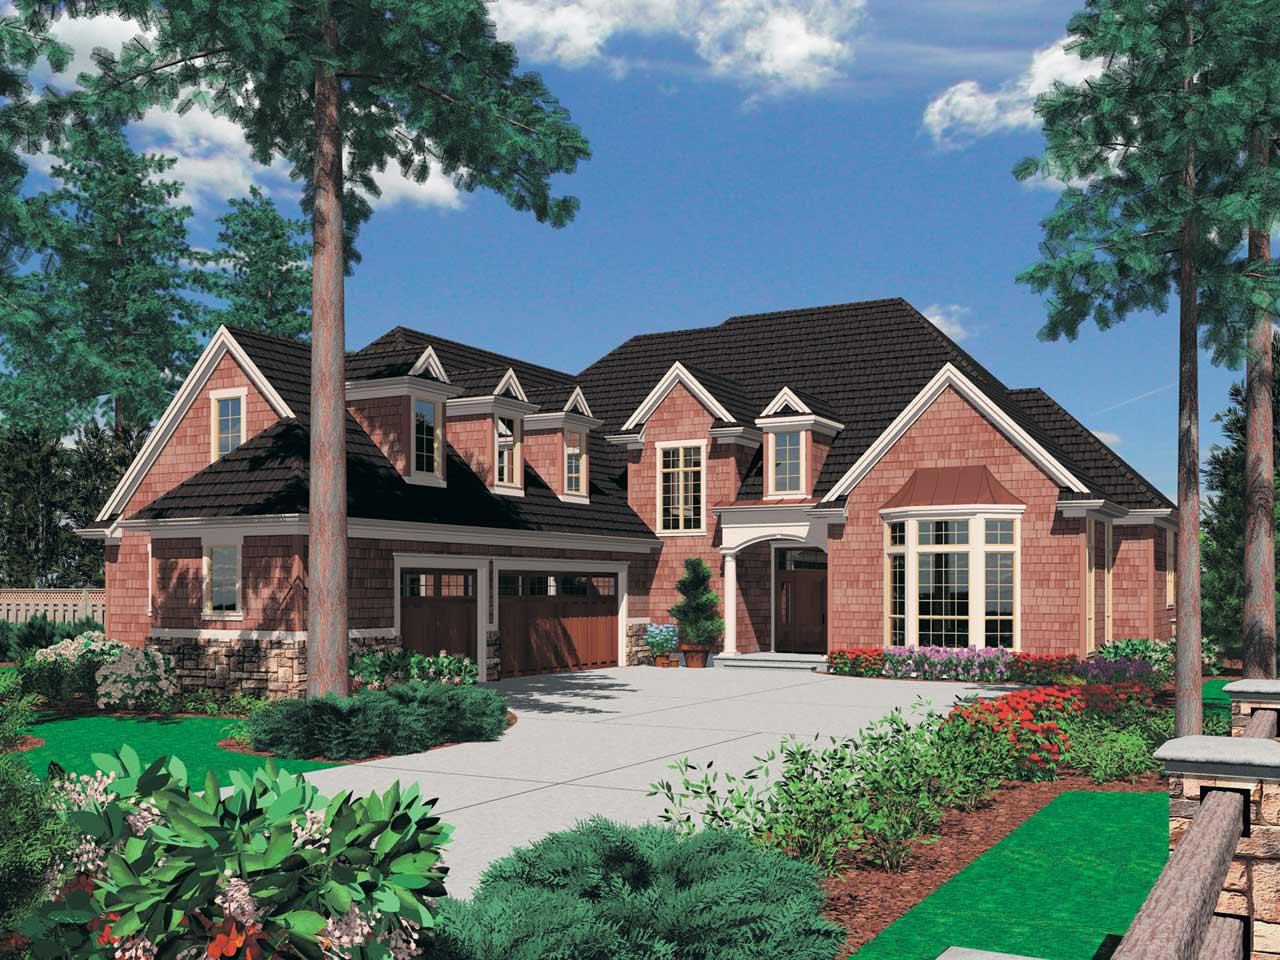 Cape-cod Style Home Design Plan: 74-405